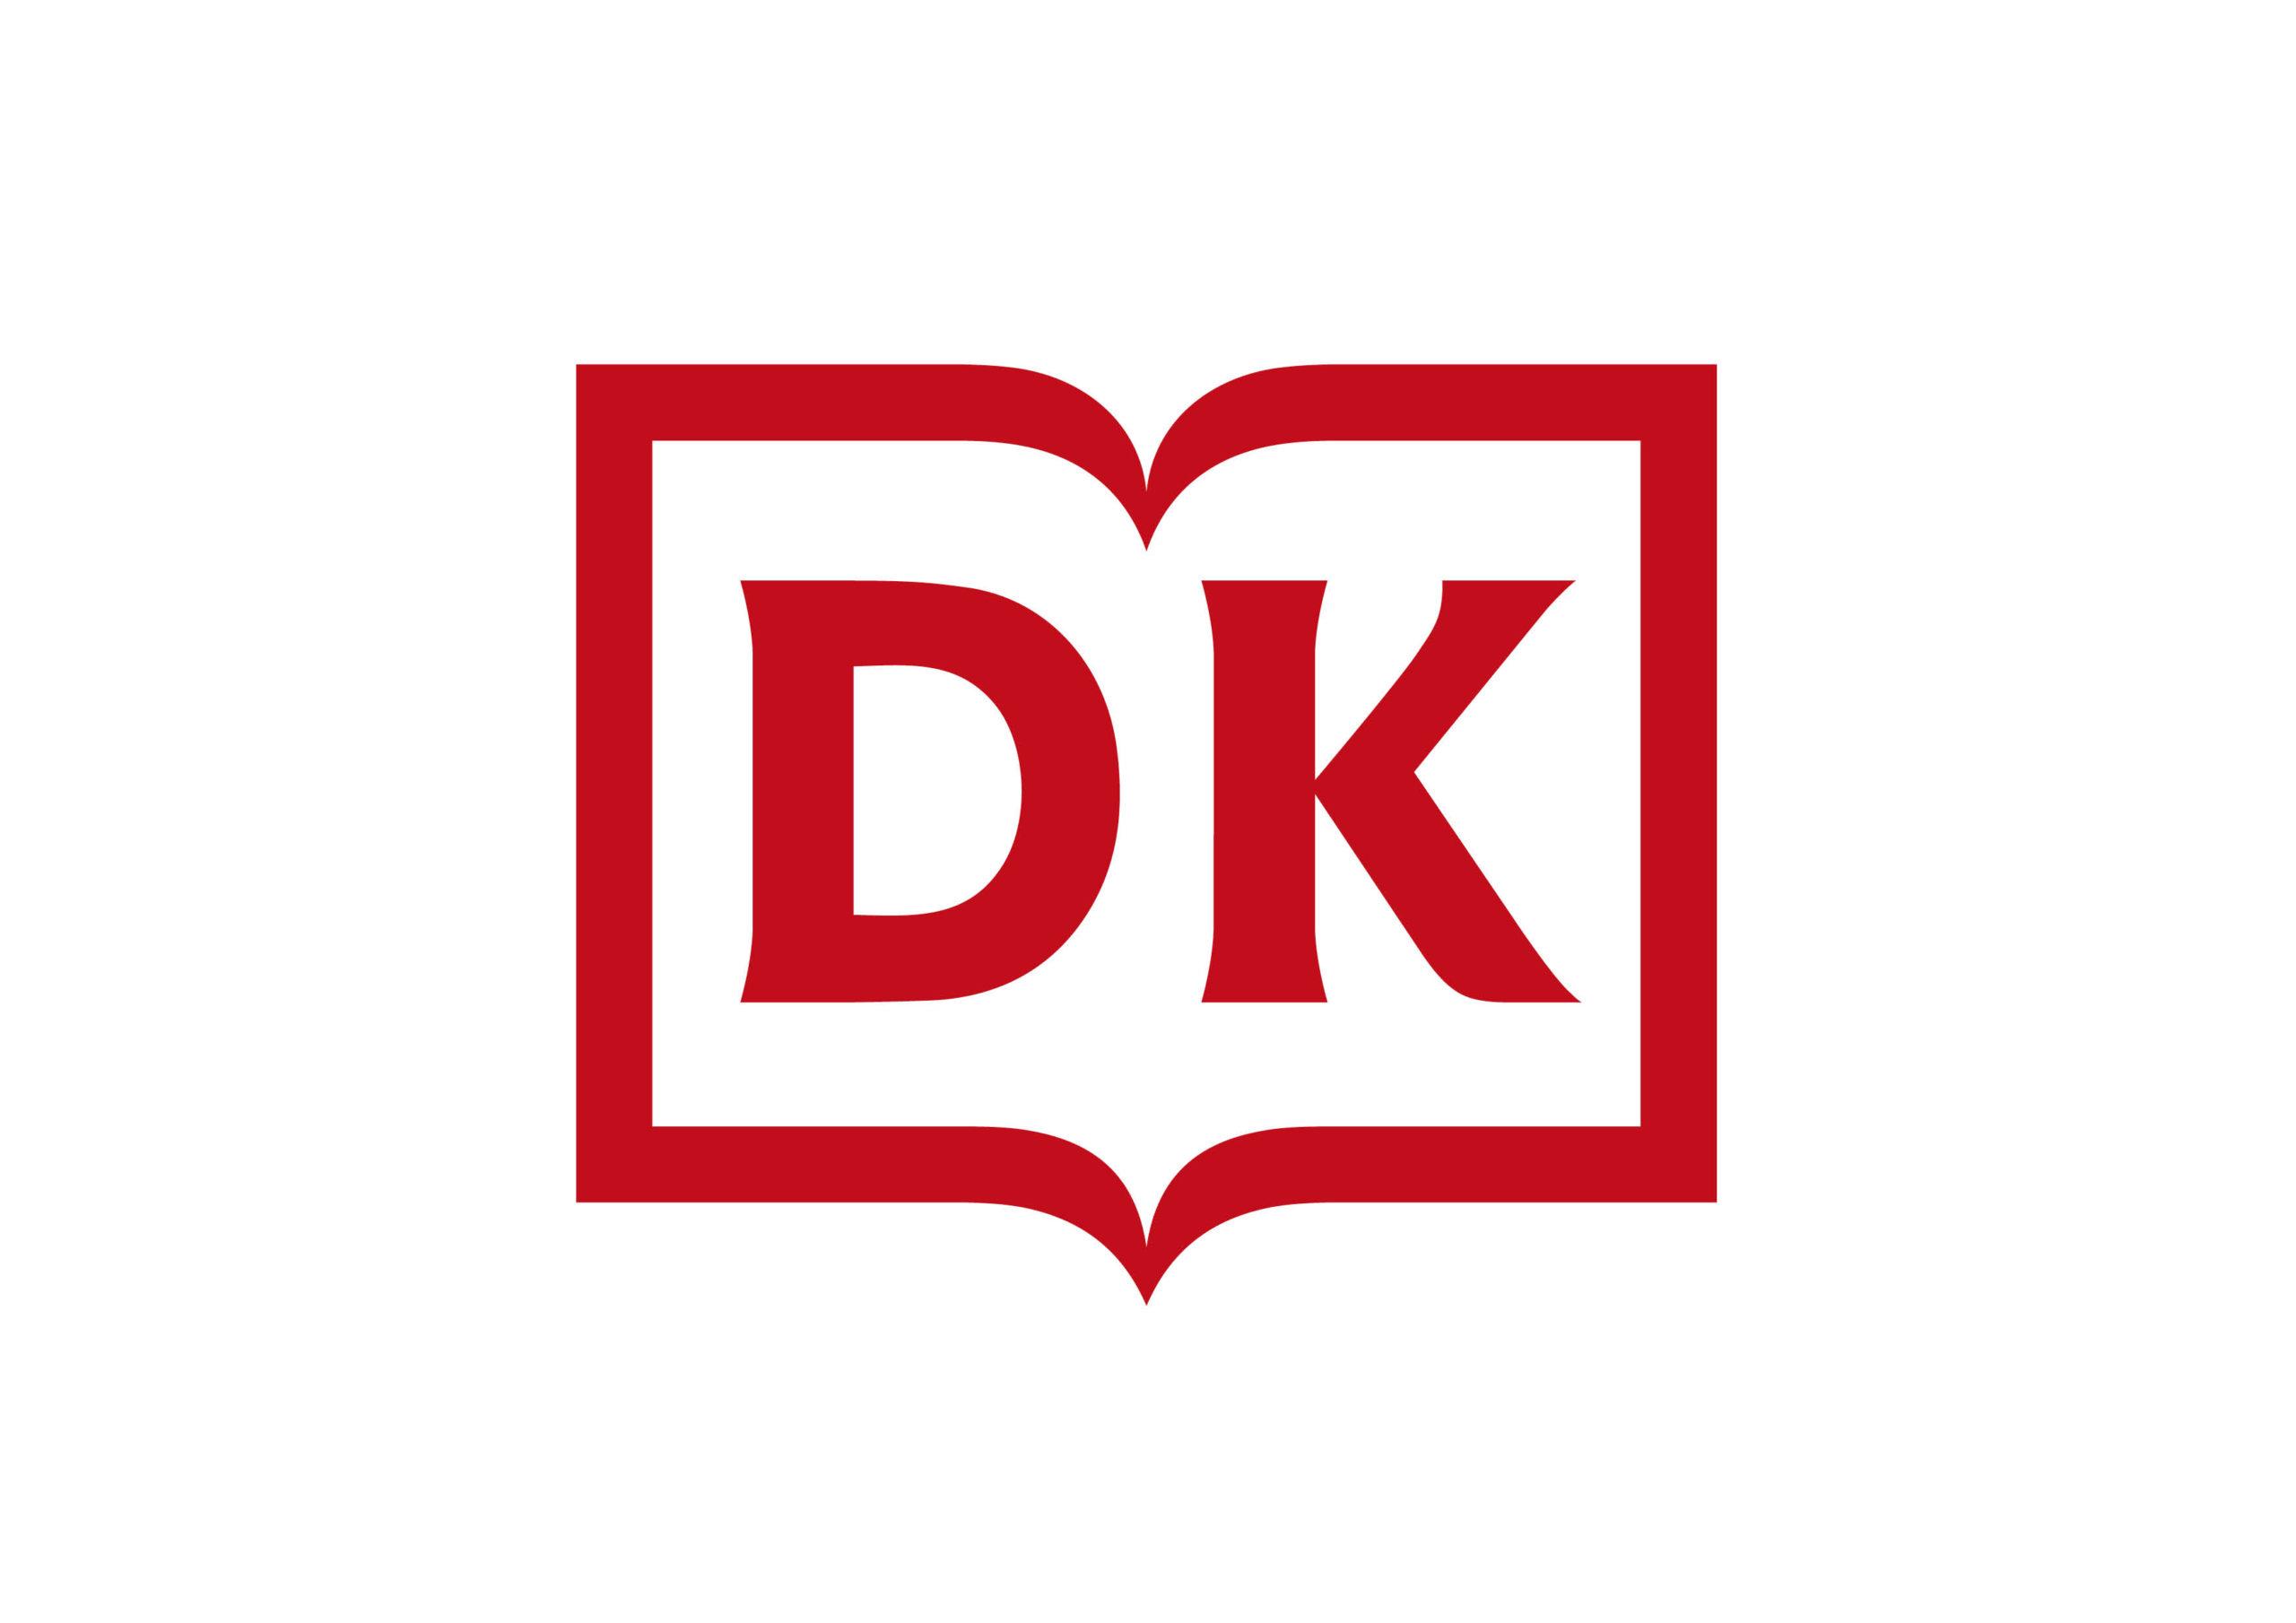 Das neue Logo von DK, das ab Mitte des Jahres zum Einsatz kommen soll (Durch Klick auf Logo zum Verlagsprogramm)